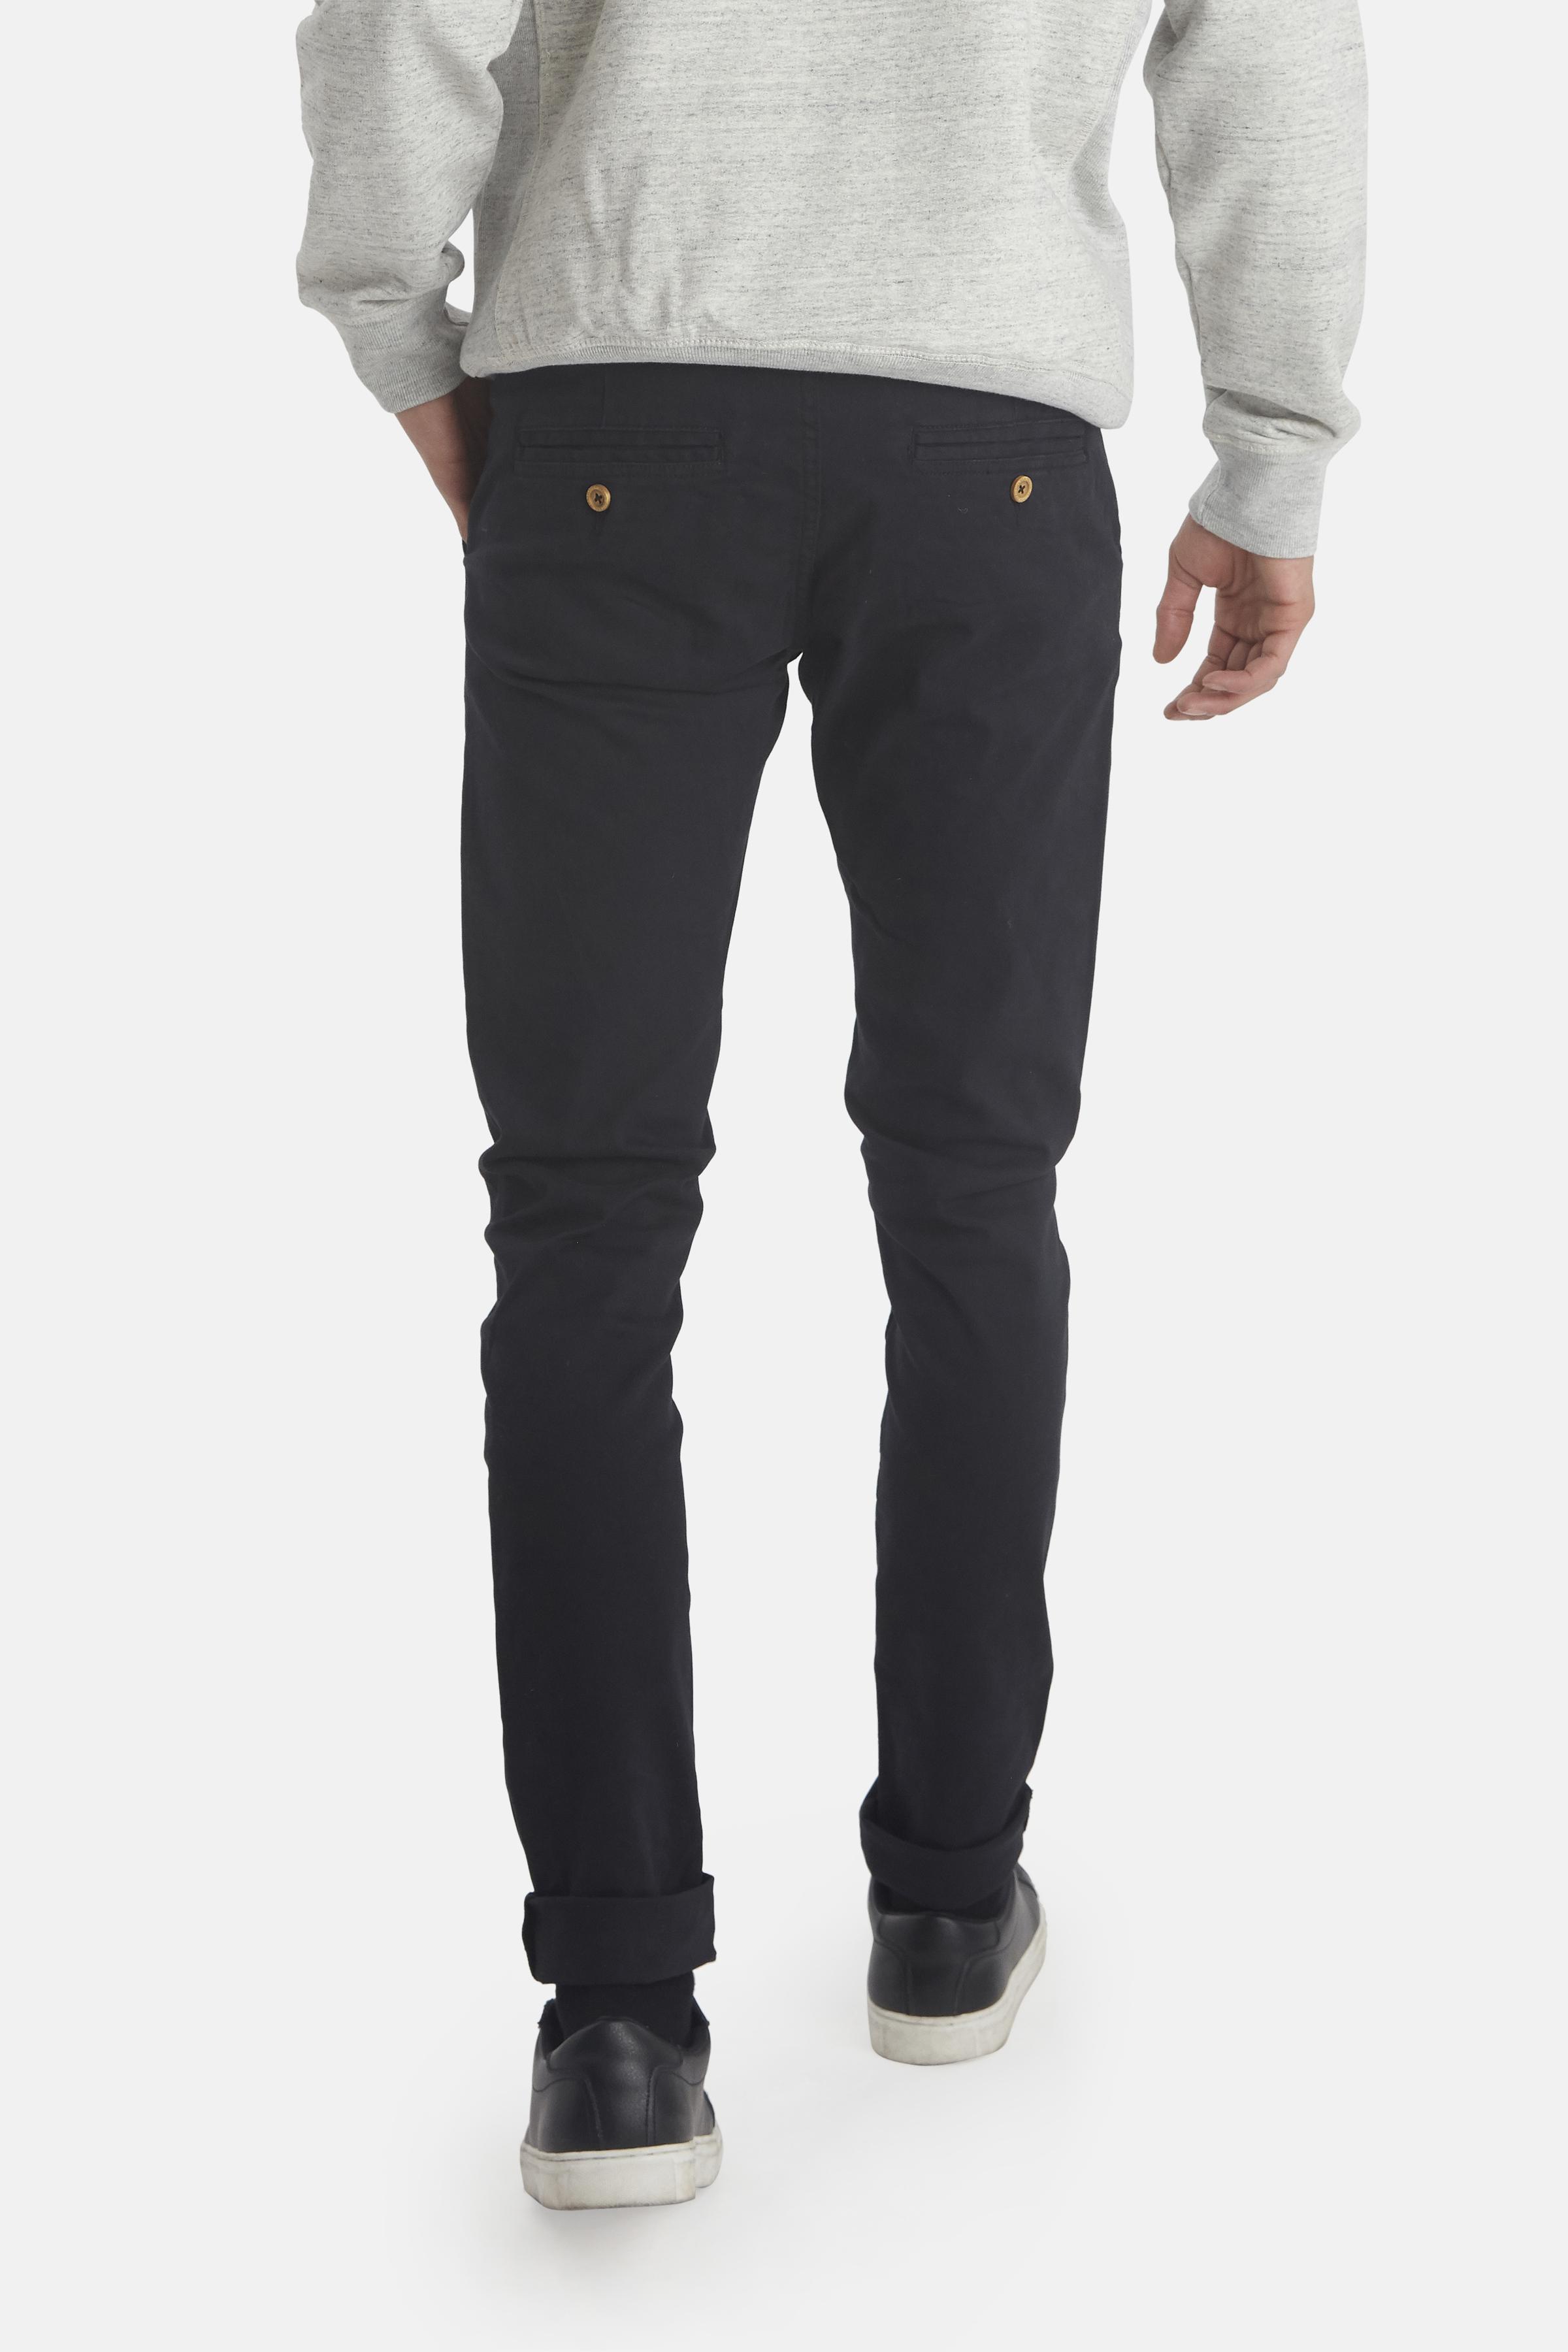 Black Pants Casual – Køb Black Pants Casual fra str. 28-38 her